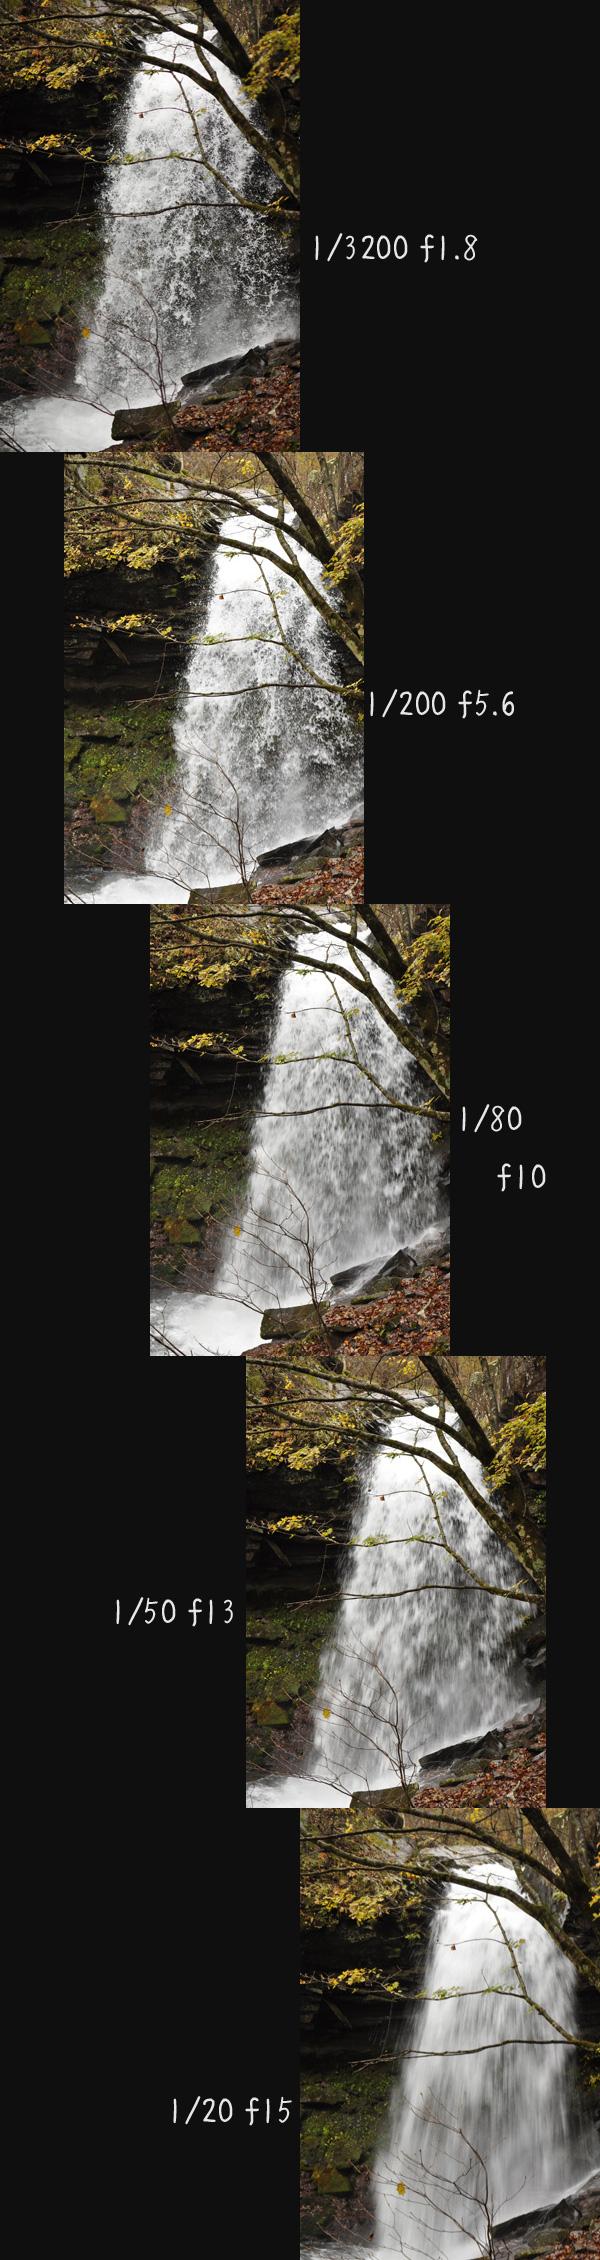 d0126366_1957432.jpg